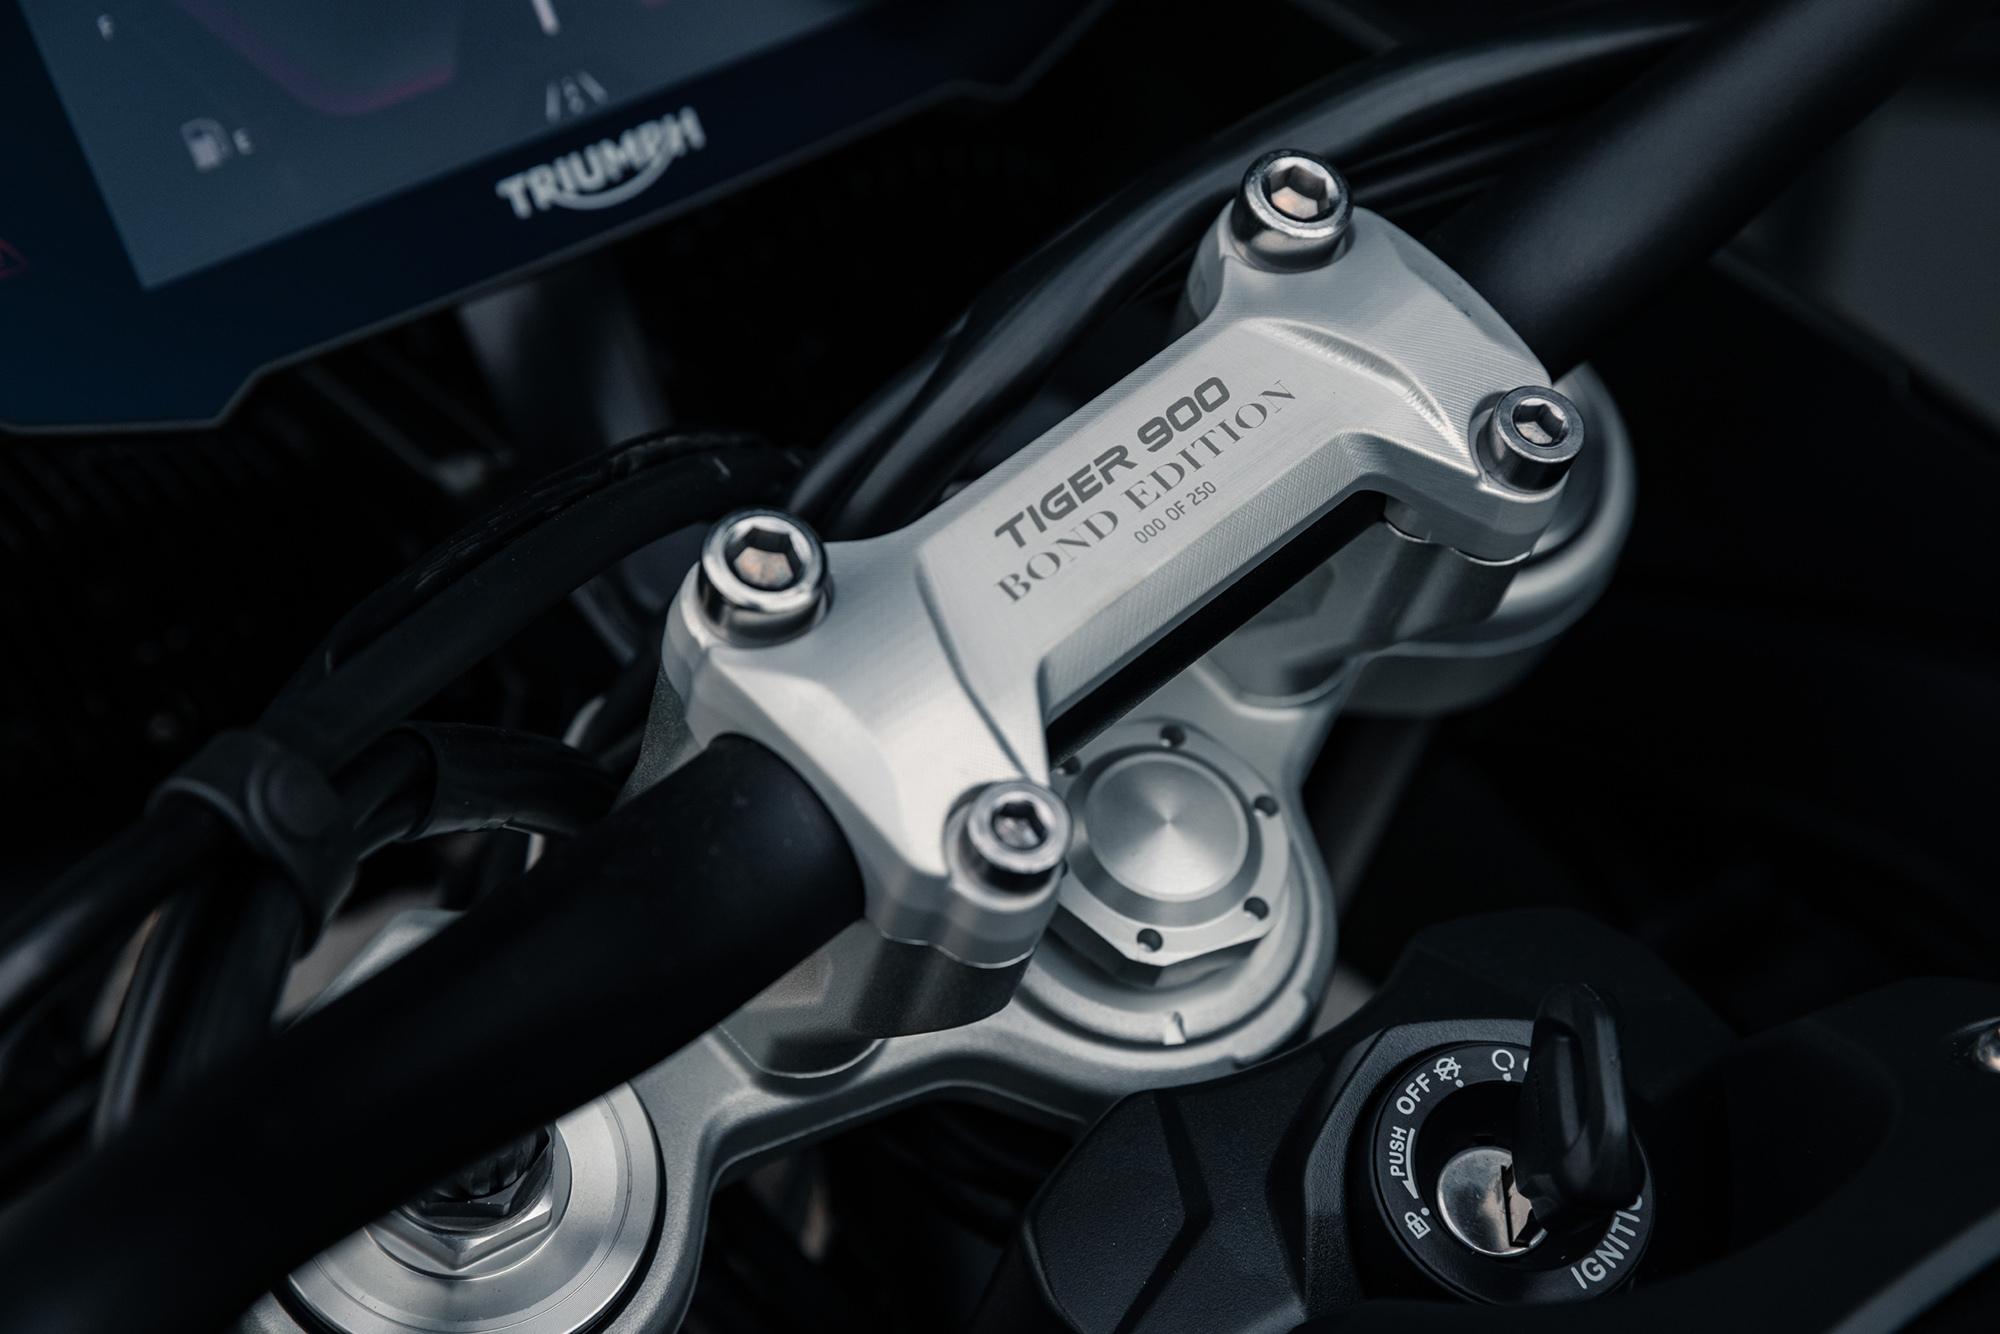 Triumph ra mắt mẫu mô tô bản đặc biệt về điệp viên 007